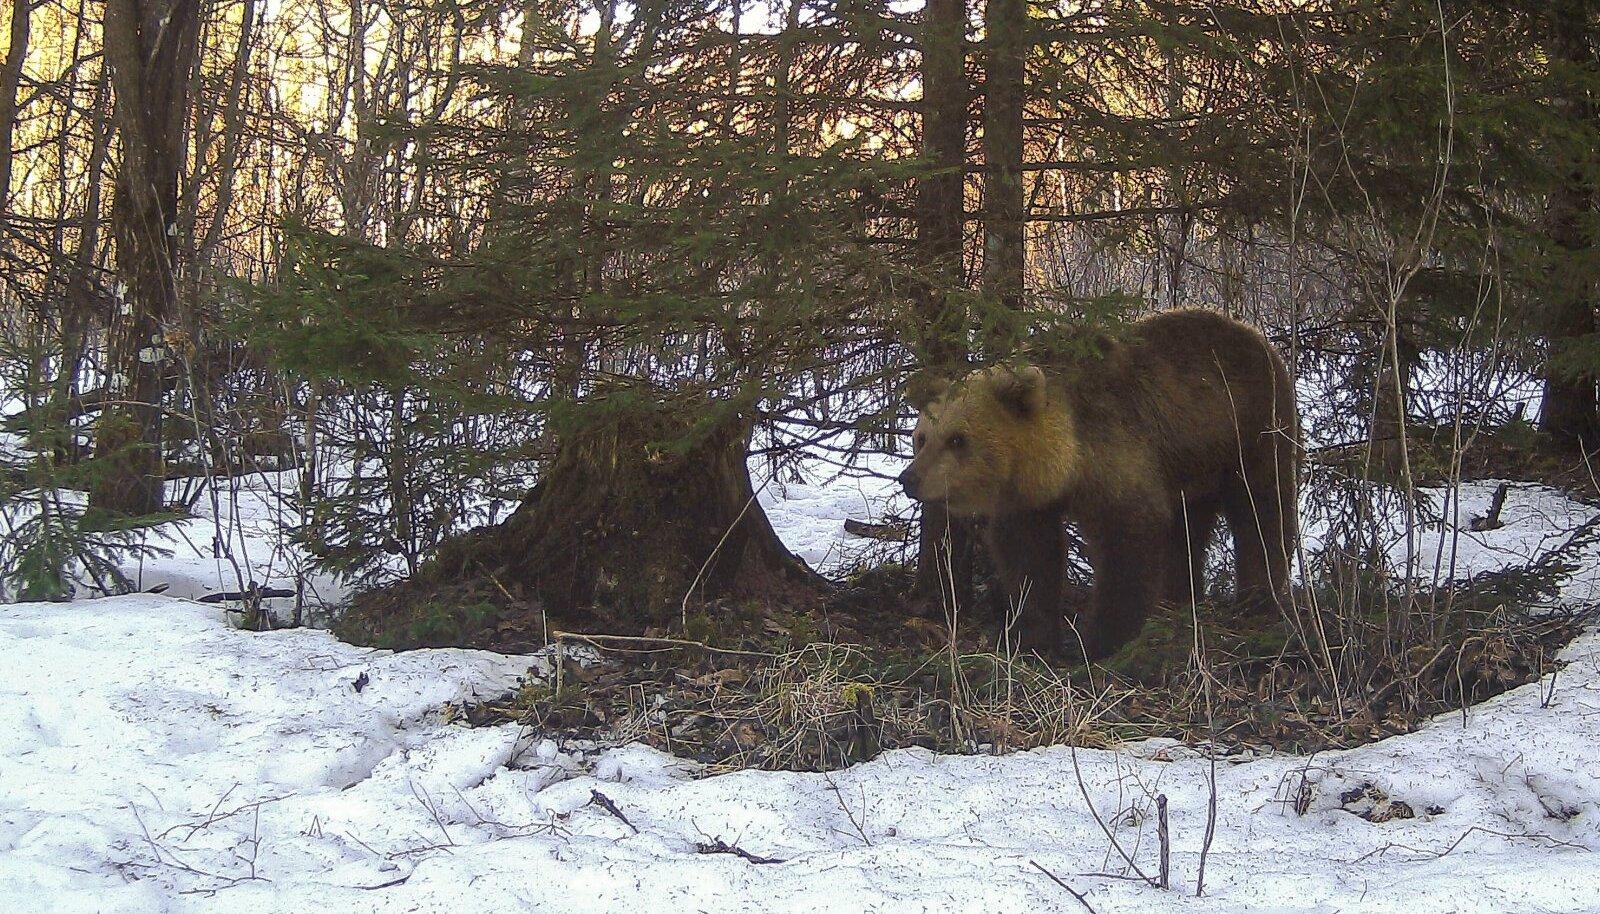 Toitu otsib karu enamasti lõhna järgi ja võib mitu tundi pärituult appi võttes nuusutada, kas ehk ei ole kuskil mõnda raibet.